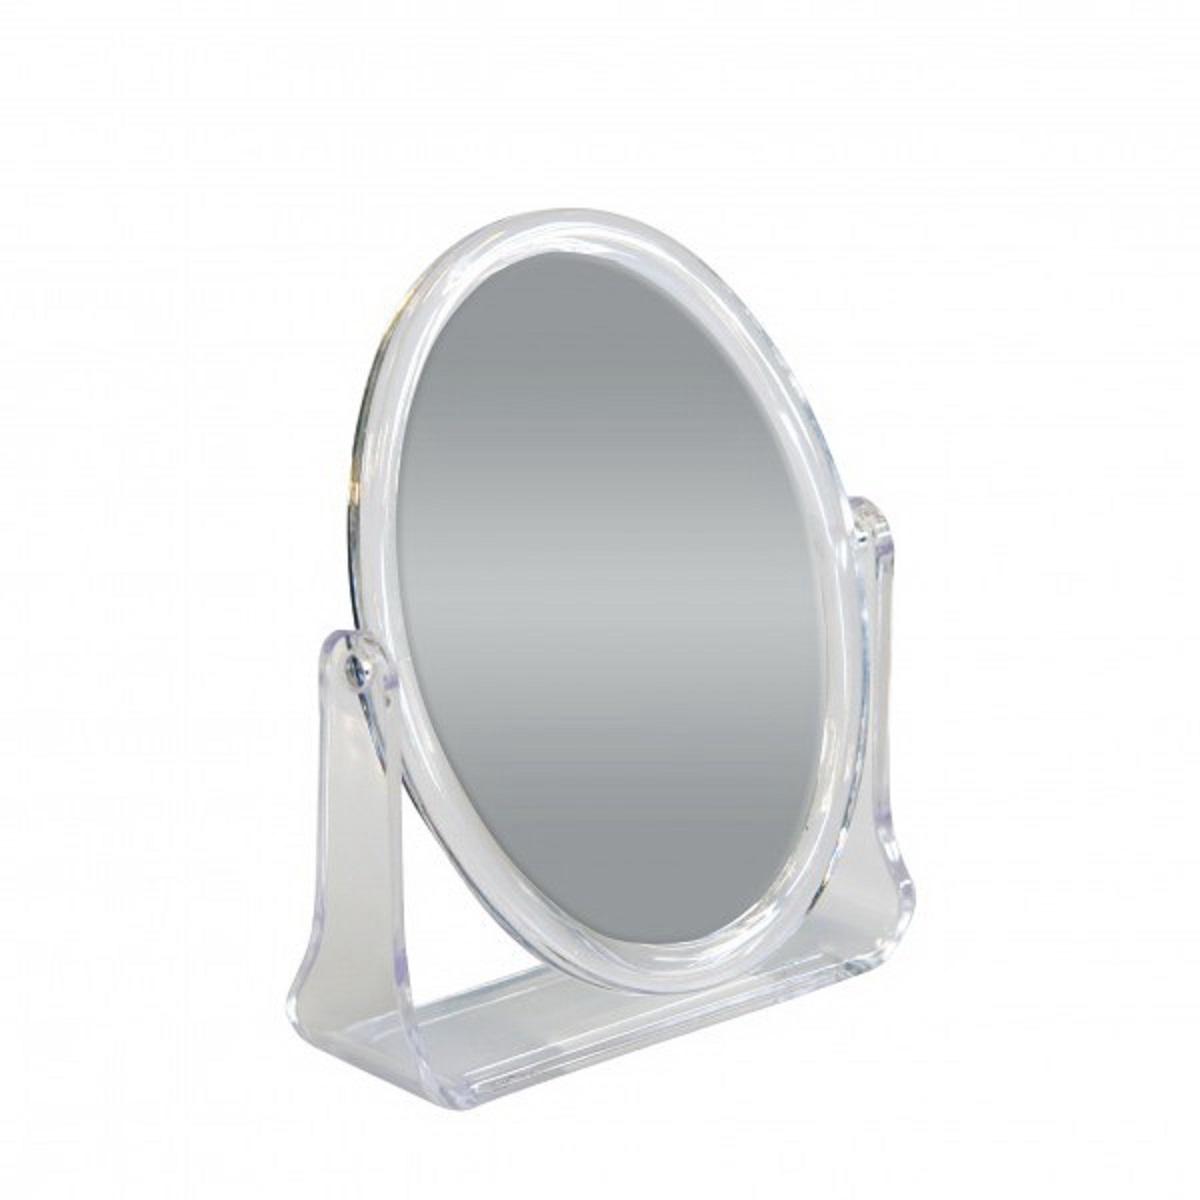 Зеркало косметическое Top Star, настольное, цвет: прозрачный, 15 х 12 см12-015Настольное косметическое зеркало Top Star идеально подходит для нанесения макияжа и совершения различных косметических процедур. Двухстороннее зеркало с регулируемым углом наклона позволит вам установить его так, как это удобно вам, а двукратное увеличение одной из зеркальных линз поможет разглядеть даже малейшие нюансы и устранить все недостатки кожи. Яркий и стильный дизайн делает зеркало отличным подарком родным и близким, оно будет прекрасно смотреться в любом интерьере.